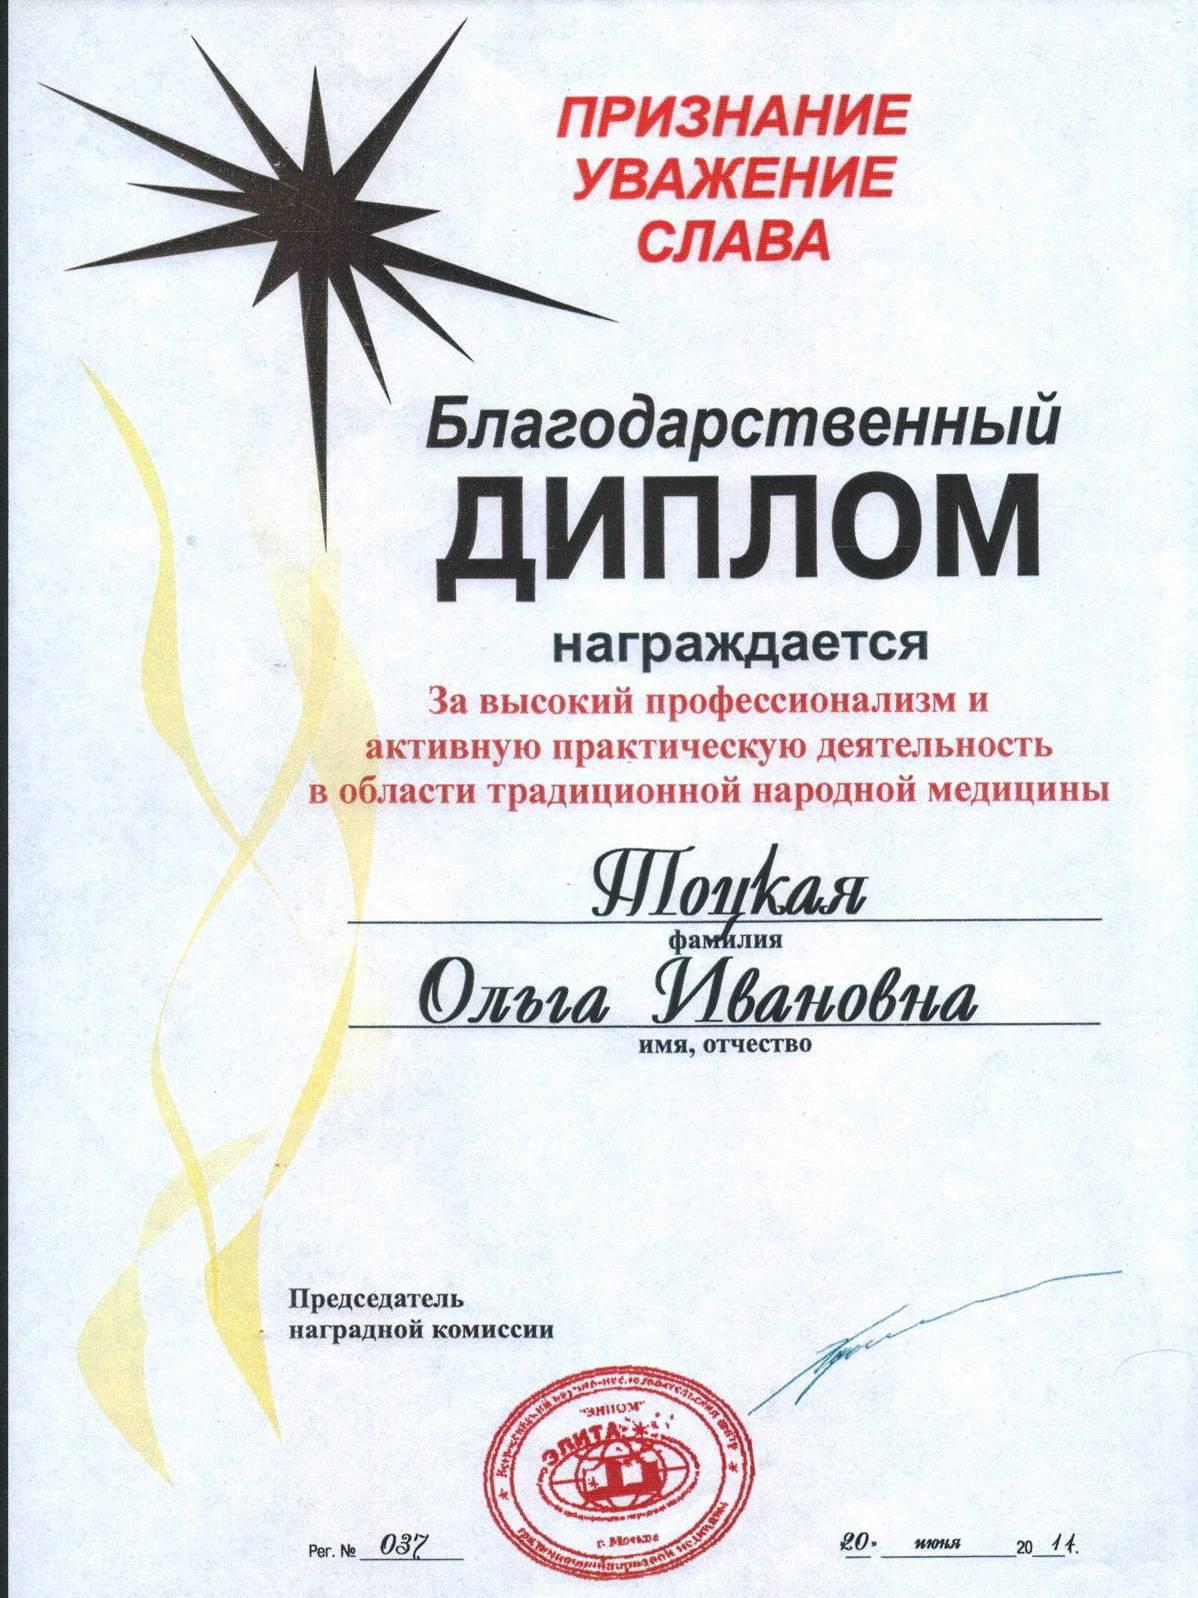 Благодарственный диплом за высокий профессионализм и активную практическую деятельность в области традиционной медицины